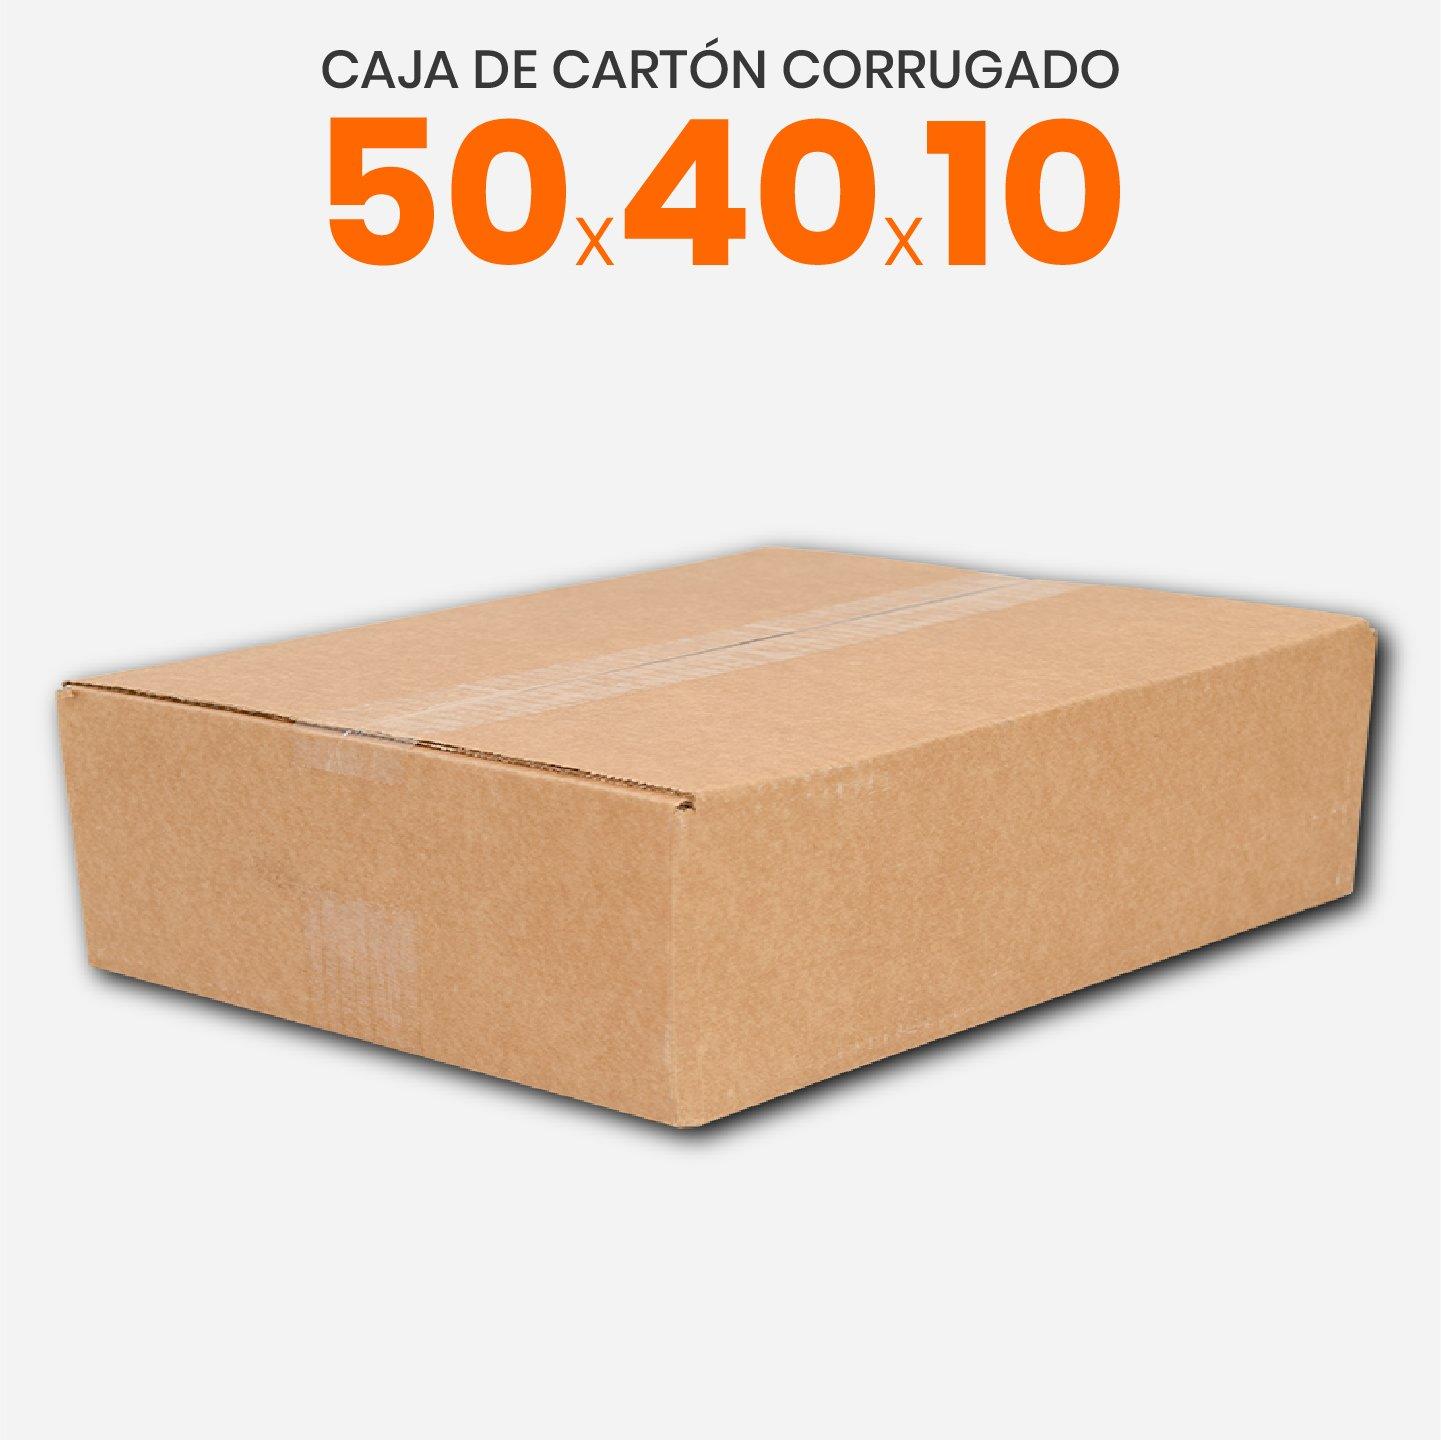 Caja De Cartón Corrugado 50x40x10